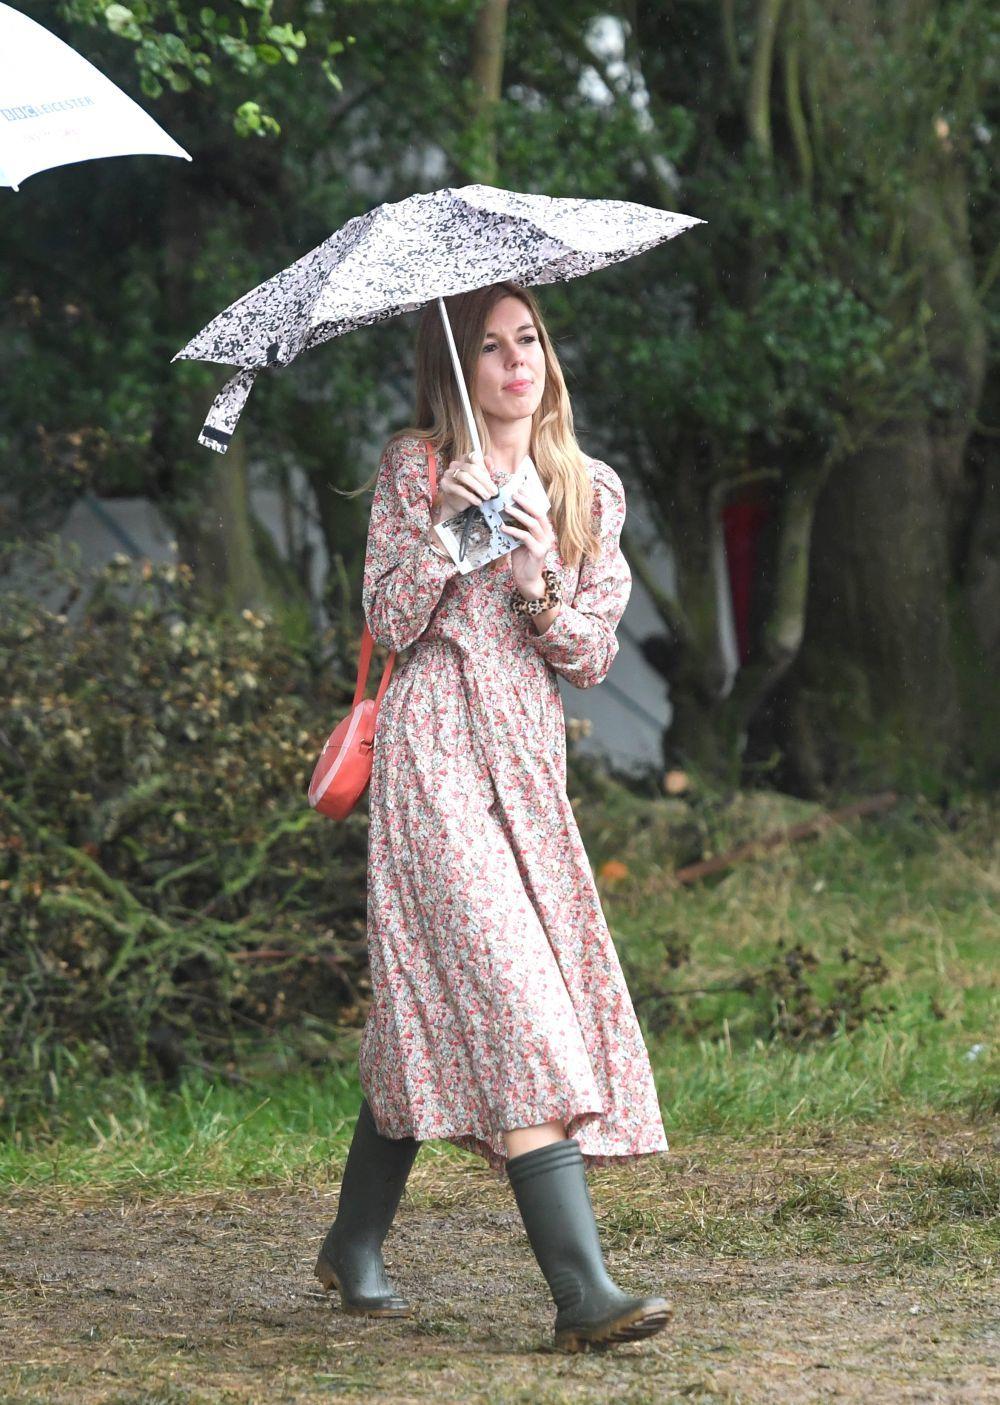 Los vestidos de flores son la prenda fetiche de Carrie Symonds.